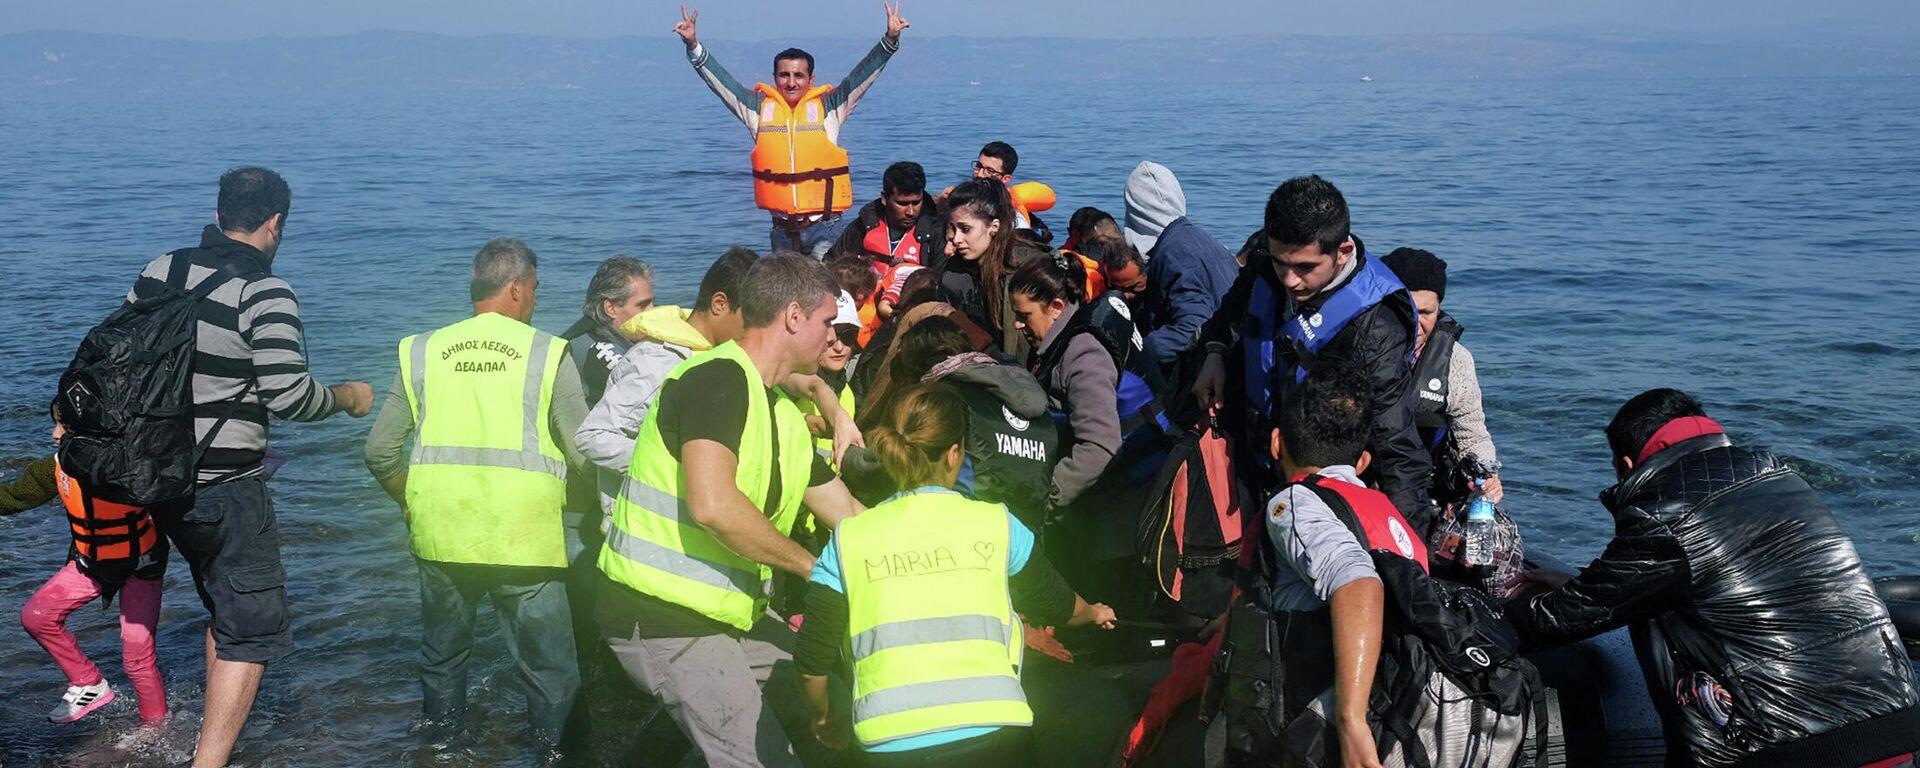 Gommone di migranti approda sulle coste greche - Sputnik Italia, 1920, 31.08.2021